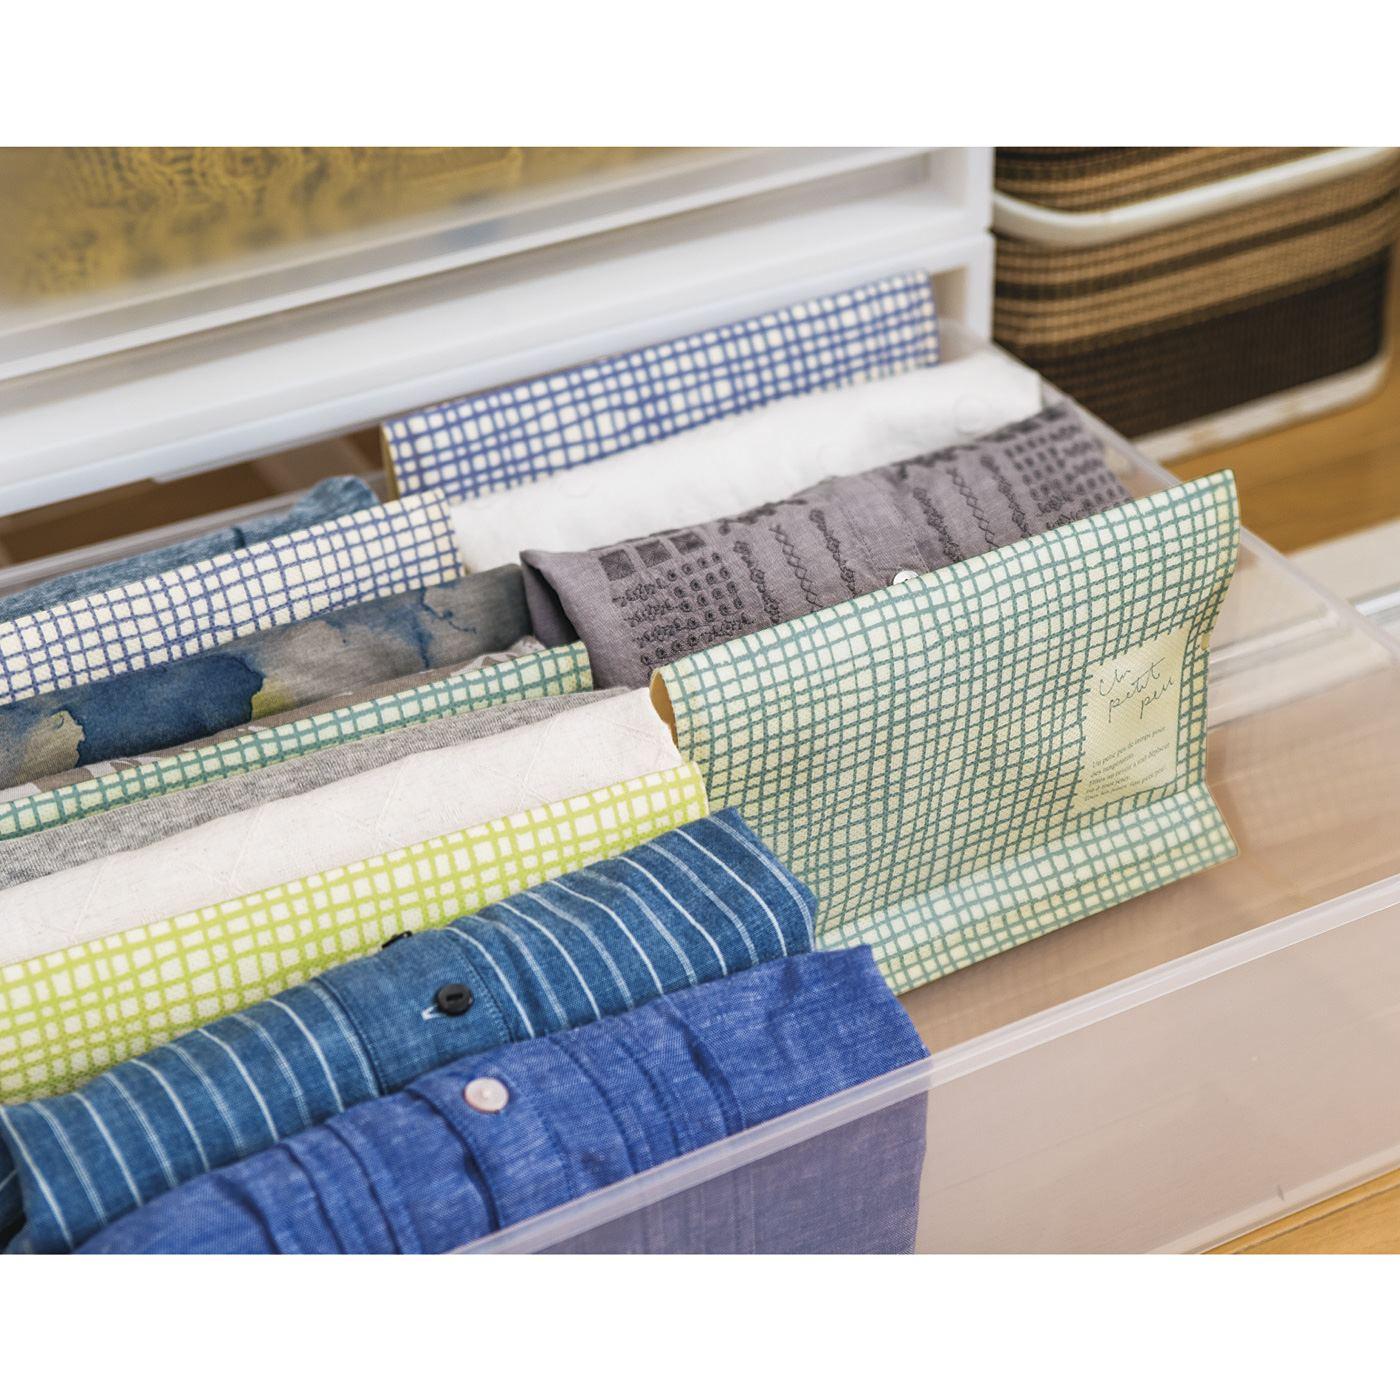 衣装ケース内の仕切りとして使えば、取り出しやすい立て収納が可能に。